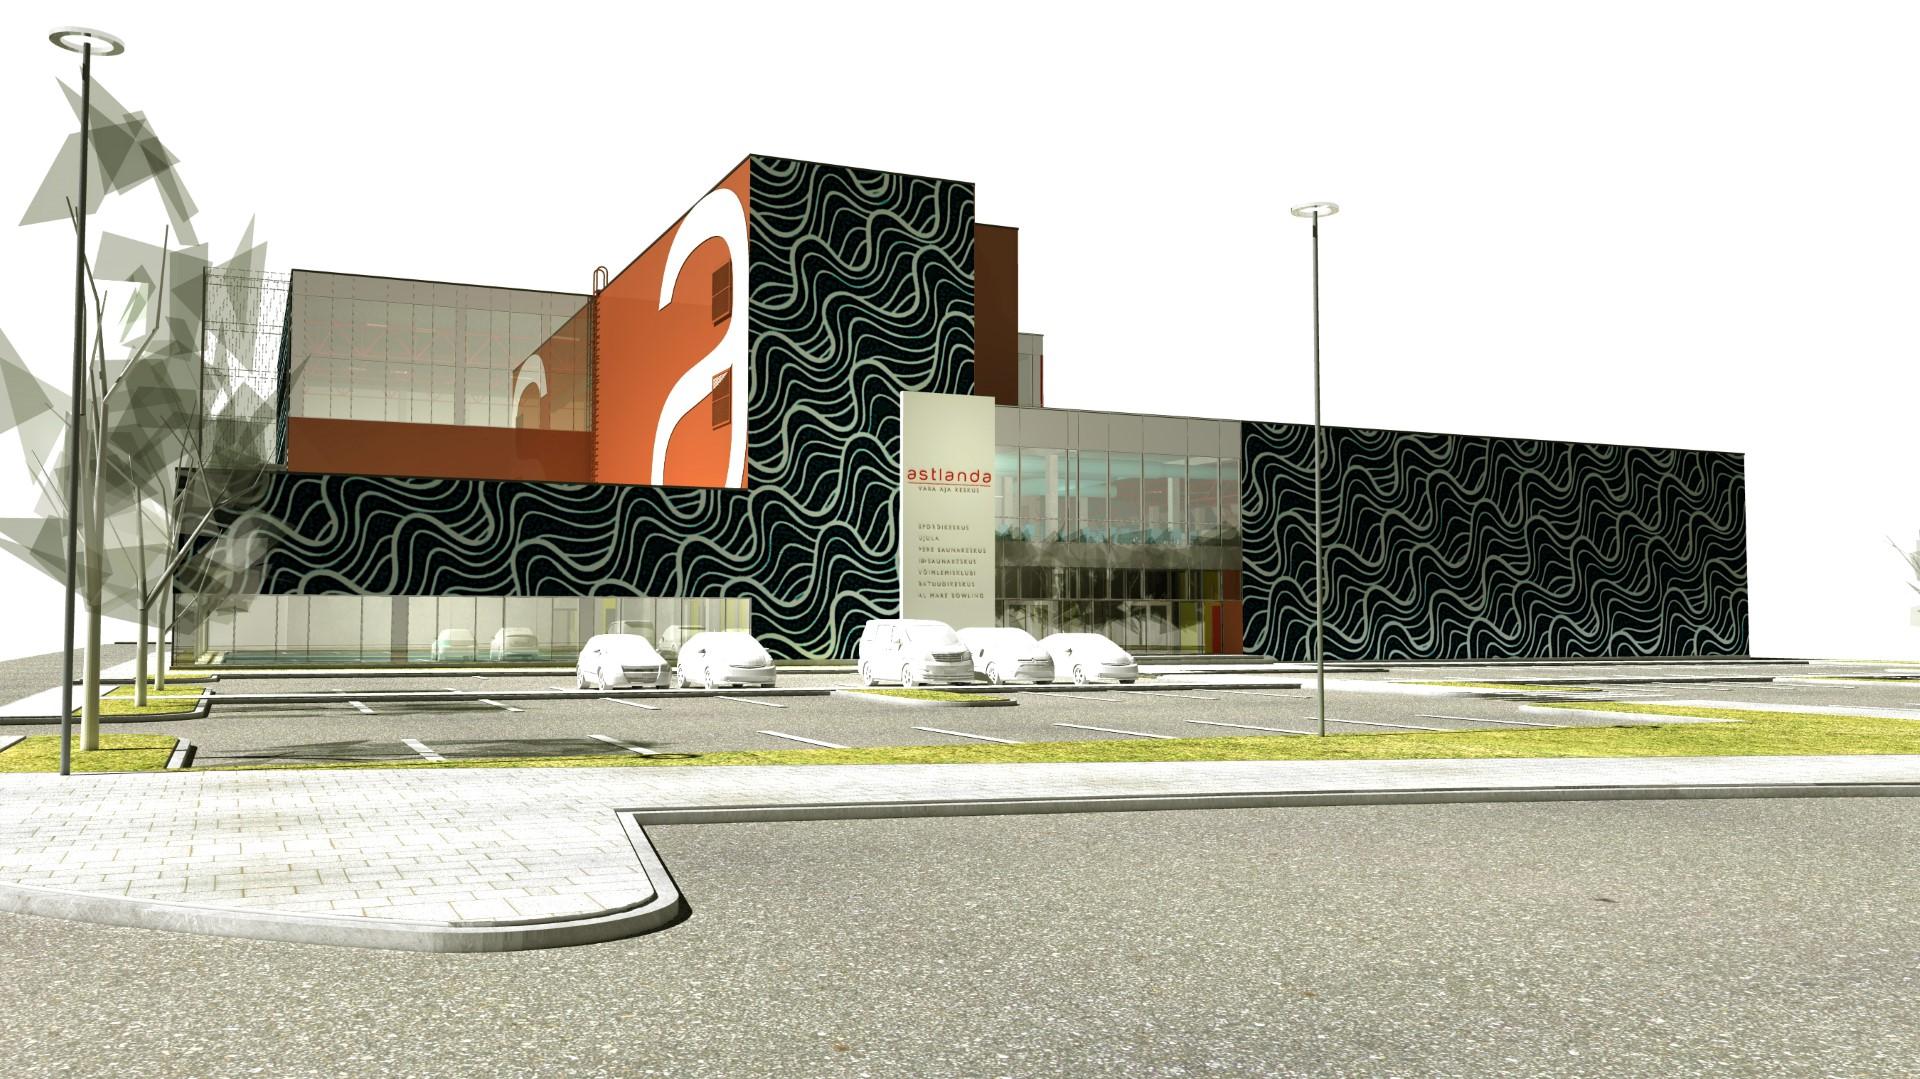 astlanda ehitus alustas ujula ja vabaajakeskuse ehitust dega astlanda ehitus. Black Bedroom Furniture Sets. Home Design Ideas